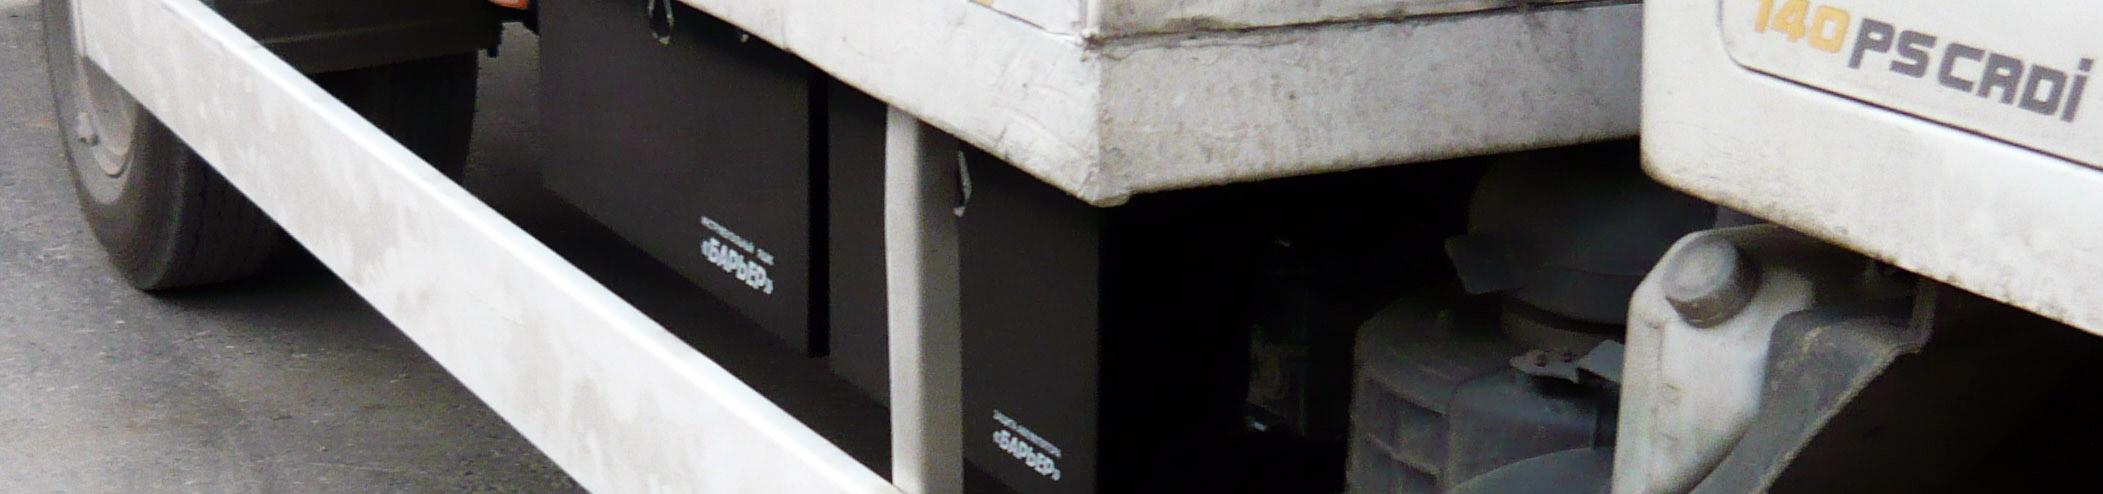 Барьер - Защита Аккумулятора и Инструментальный ящик для Hyundai HD 78